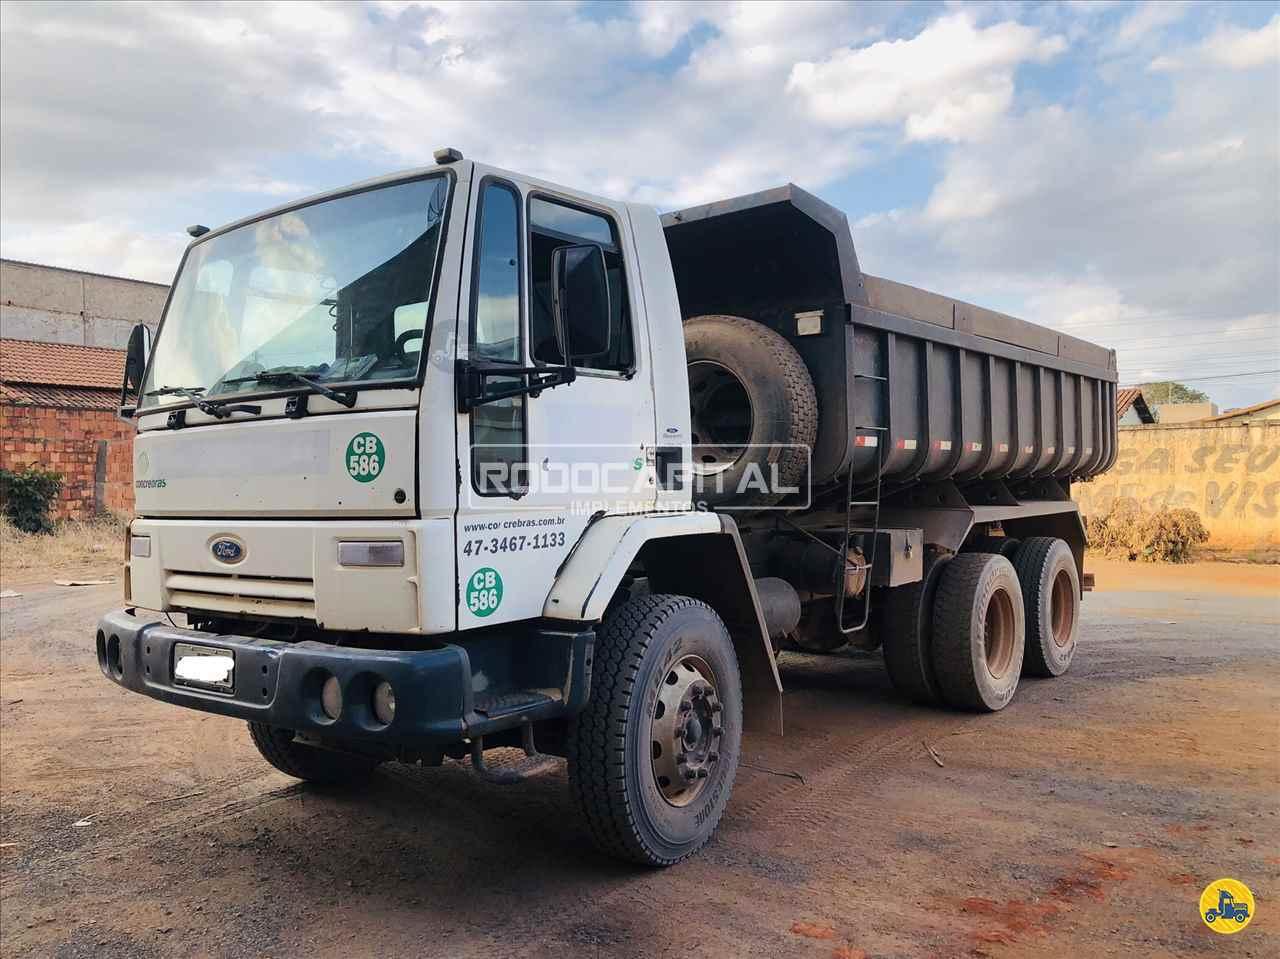 CAMINHAO FORD CARGO 2628 Caçamba Basculante Traçado 6x4 RODOCAPITAL - TRUCKVAN BRASILIA DISTRITO FEDERAL DF